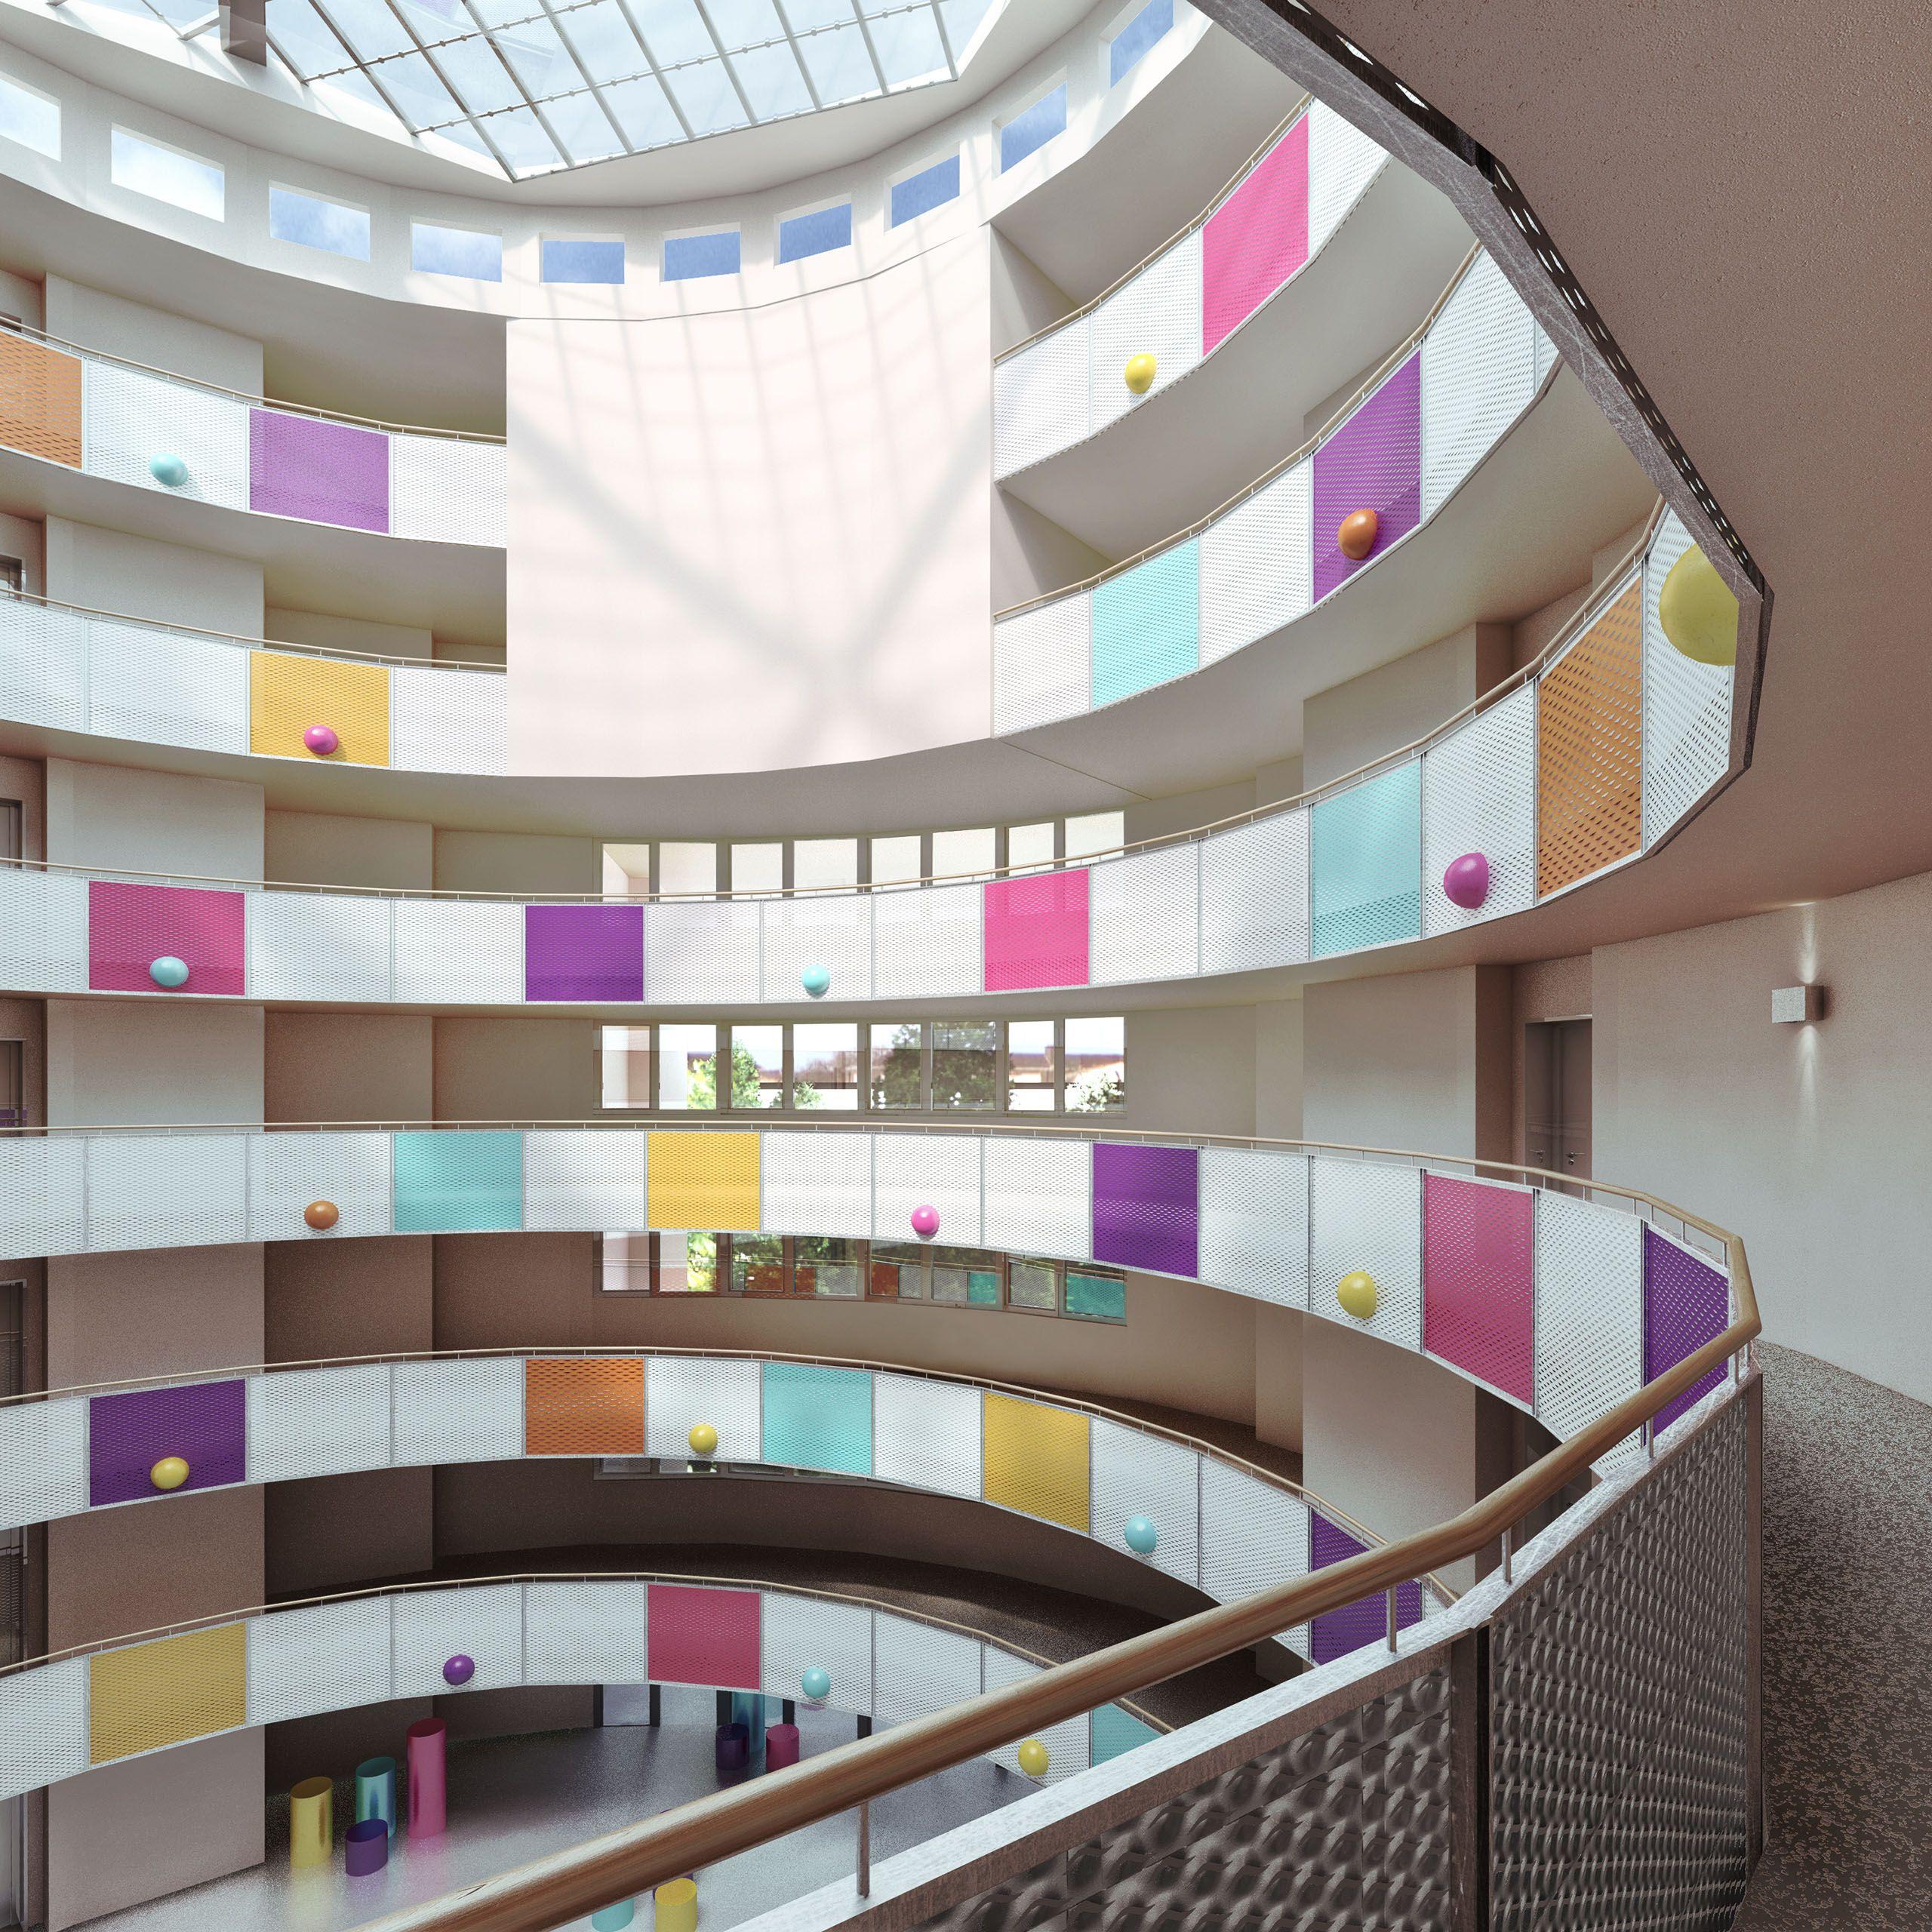 Architekturvisualisierung Berlin interior berlin weissensee neues berlin foyer